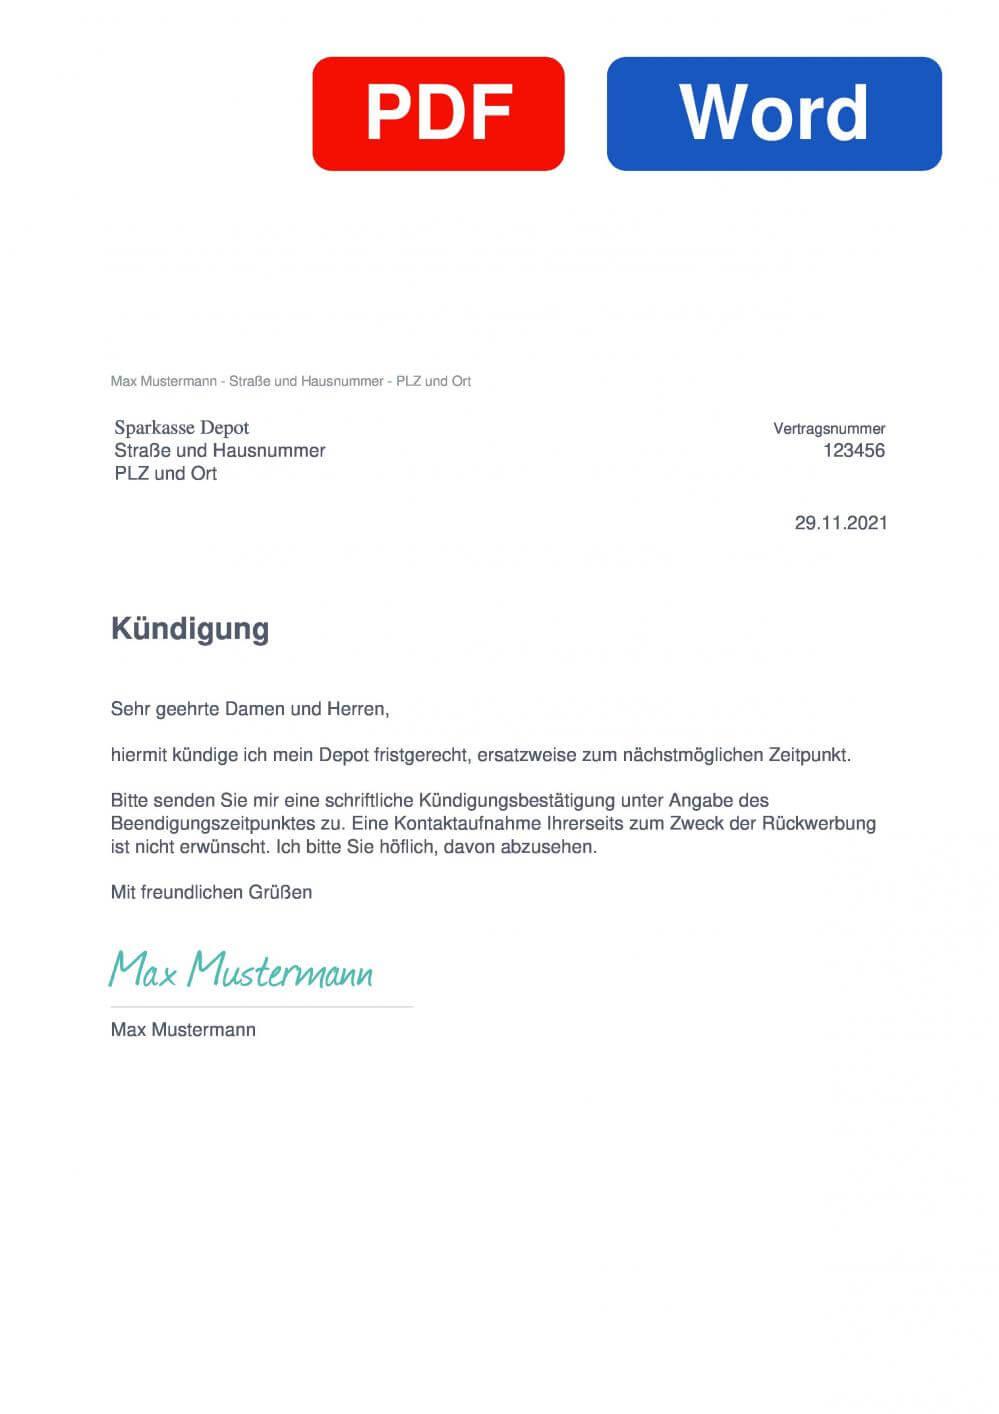 Sparkasse Depot Muster Vorlage für Kündigungsschreiben